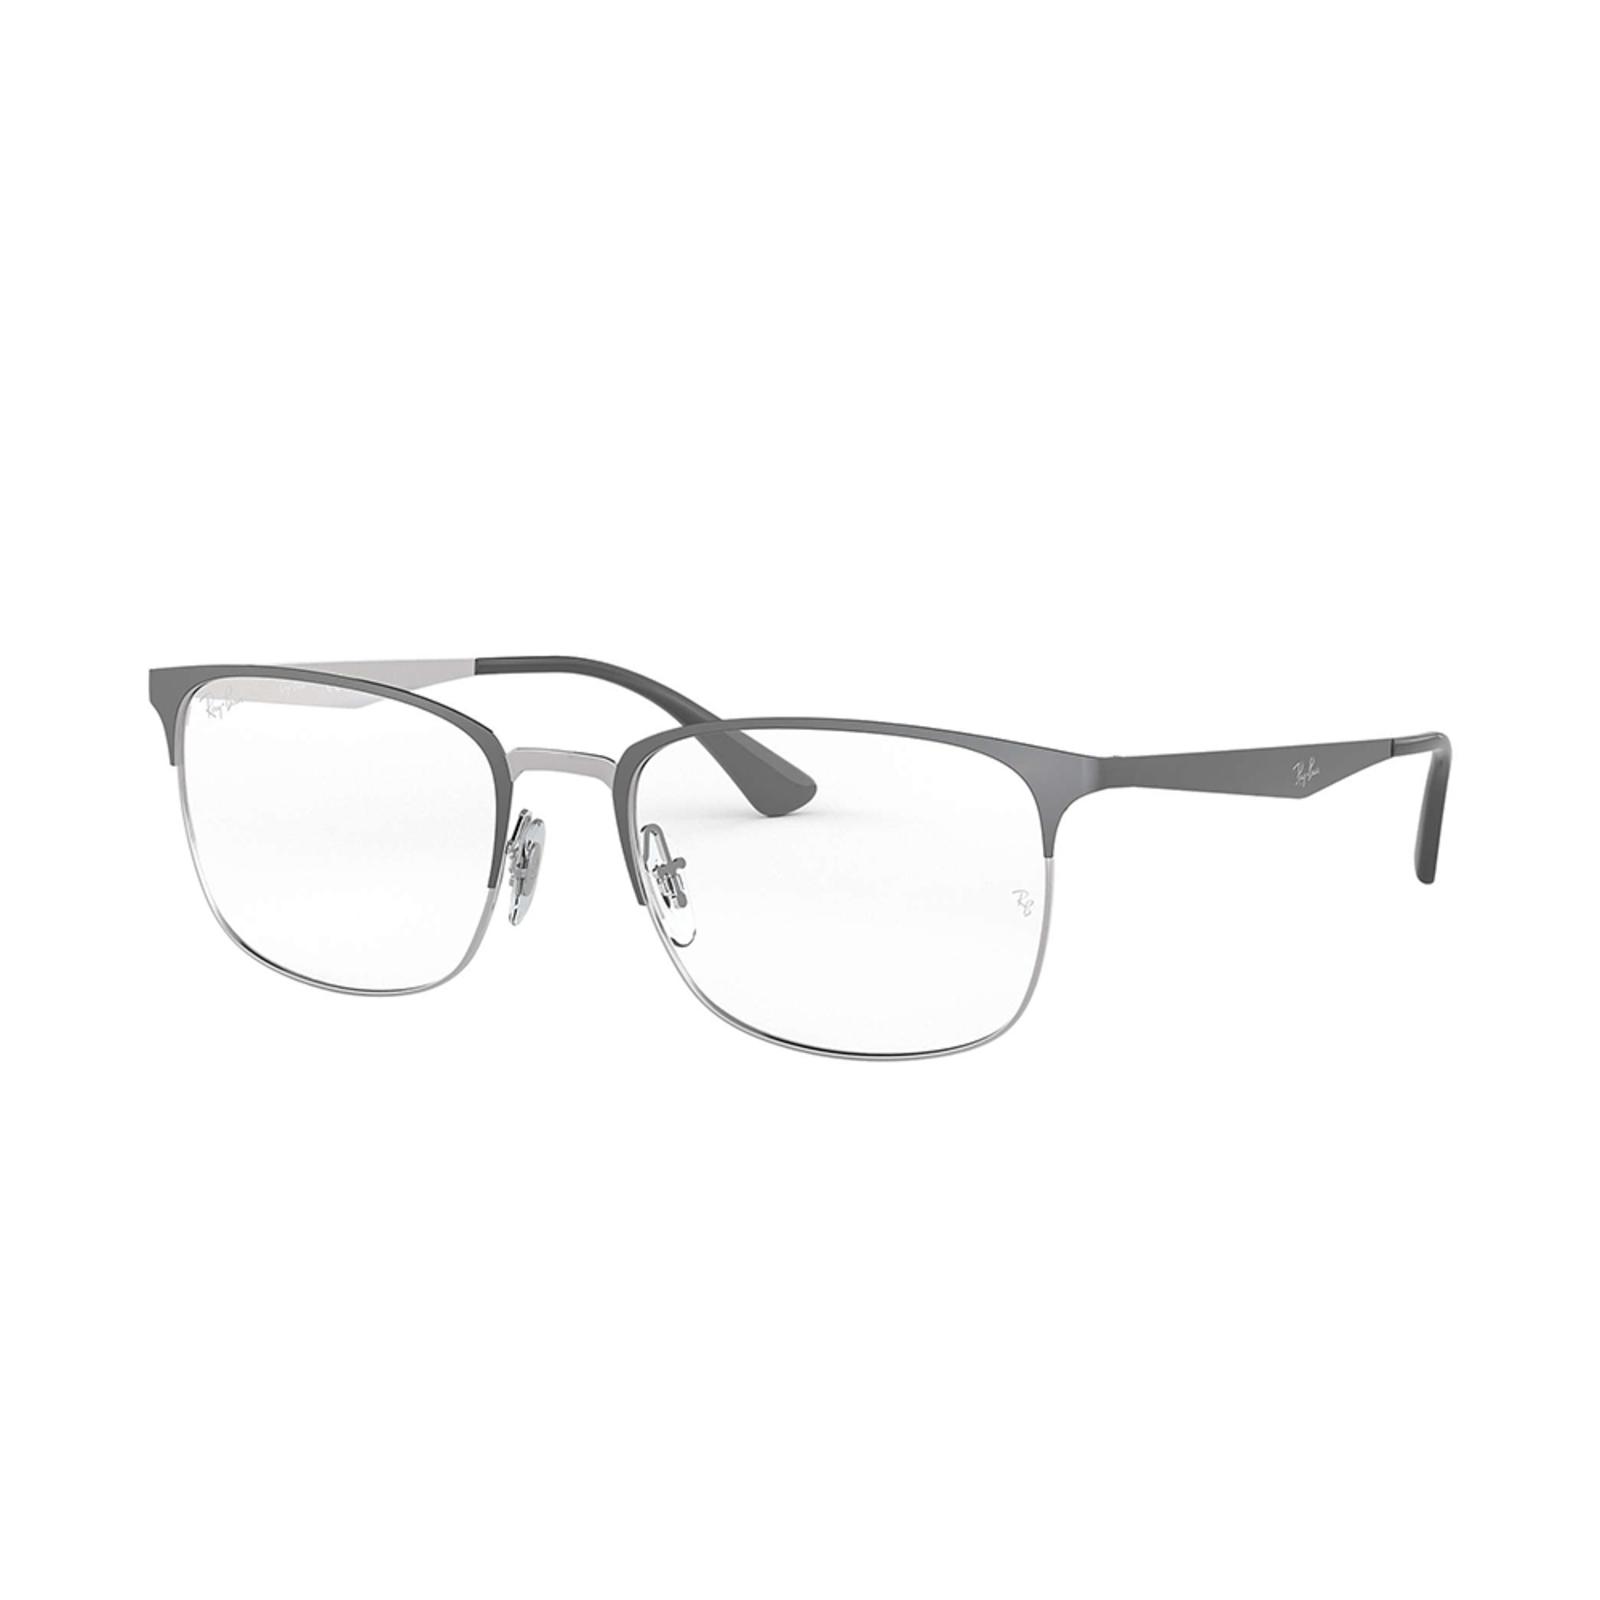 Oculos De Grau Ray Ban Rb6421 Cinza Ray Ban Oculos De Grau E